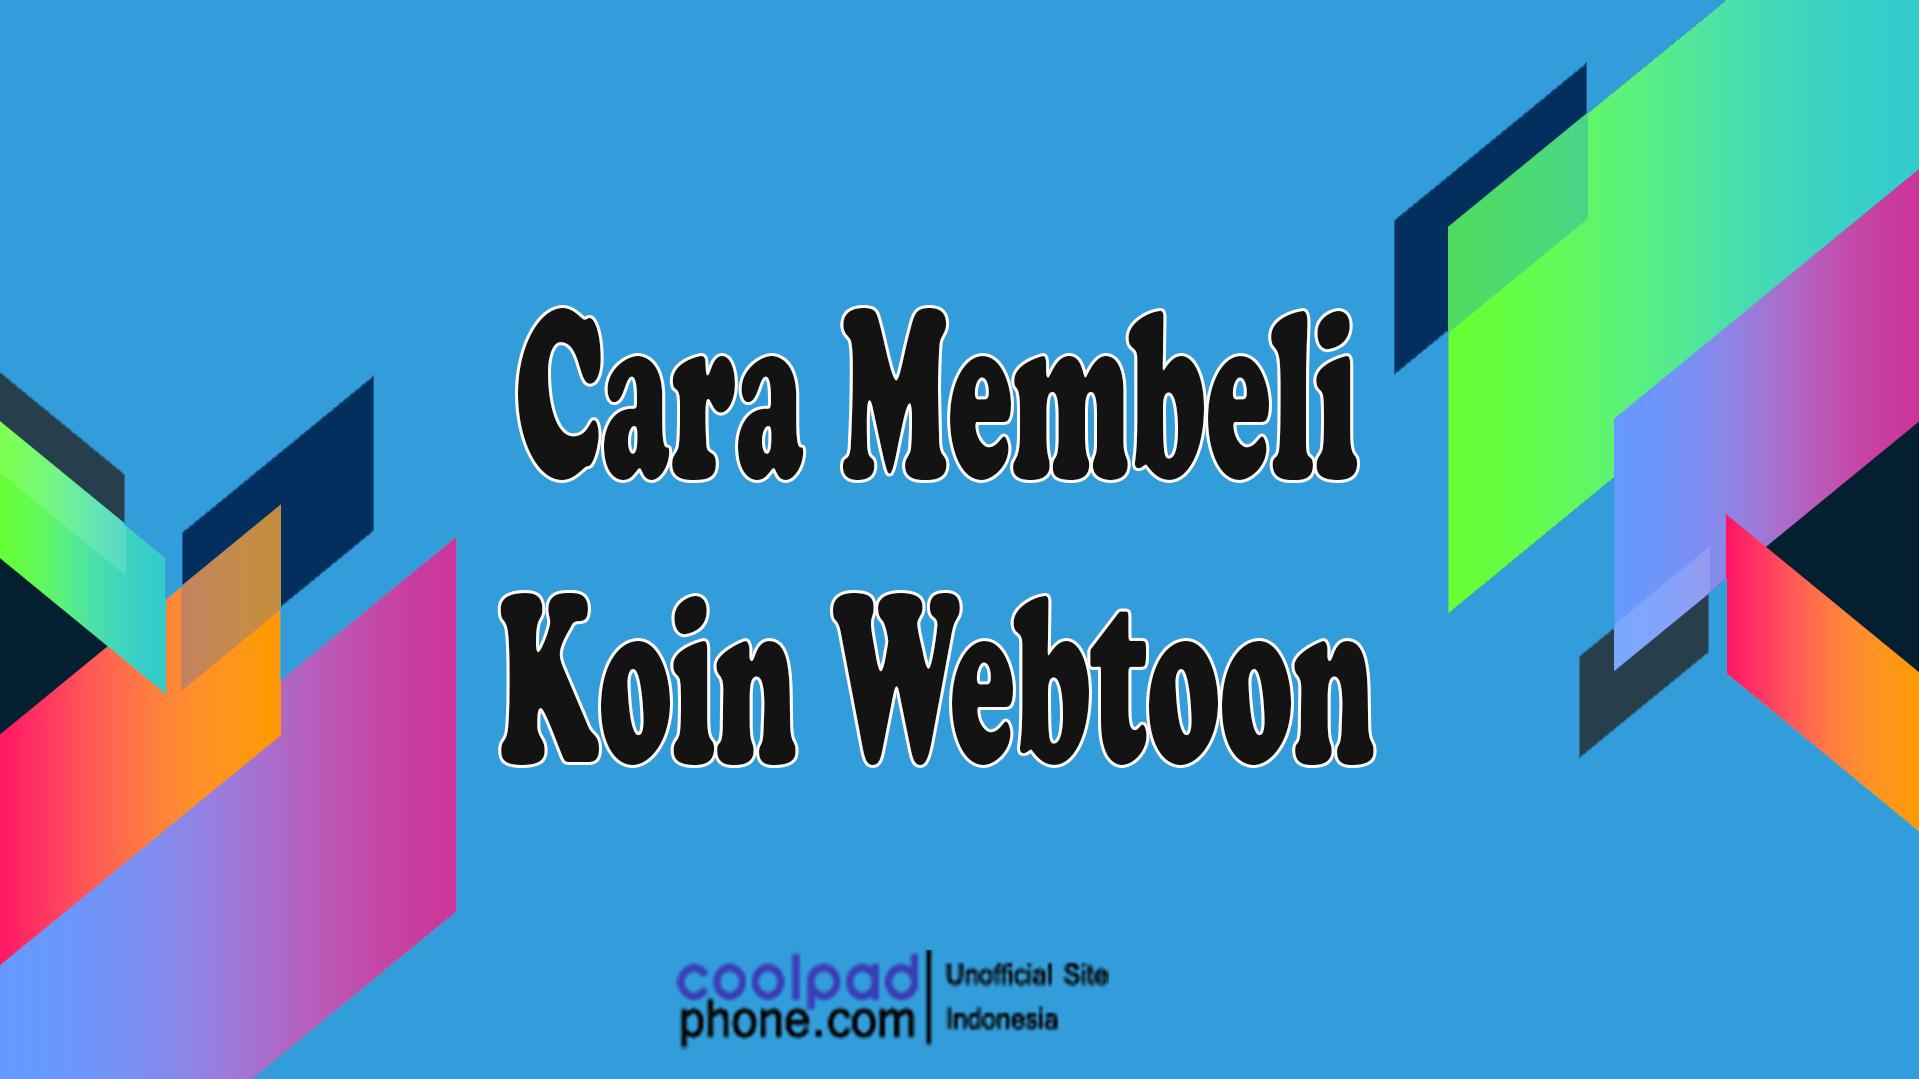 Cara-Membeli-Koin-Webtoon